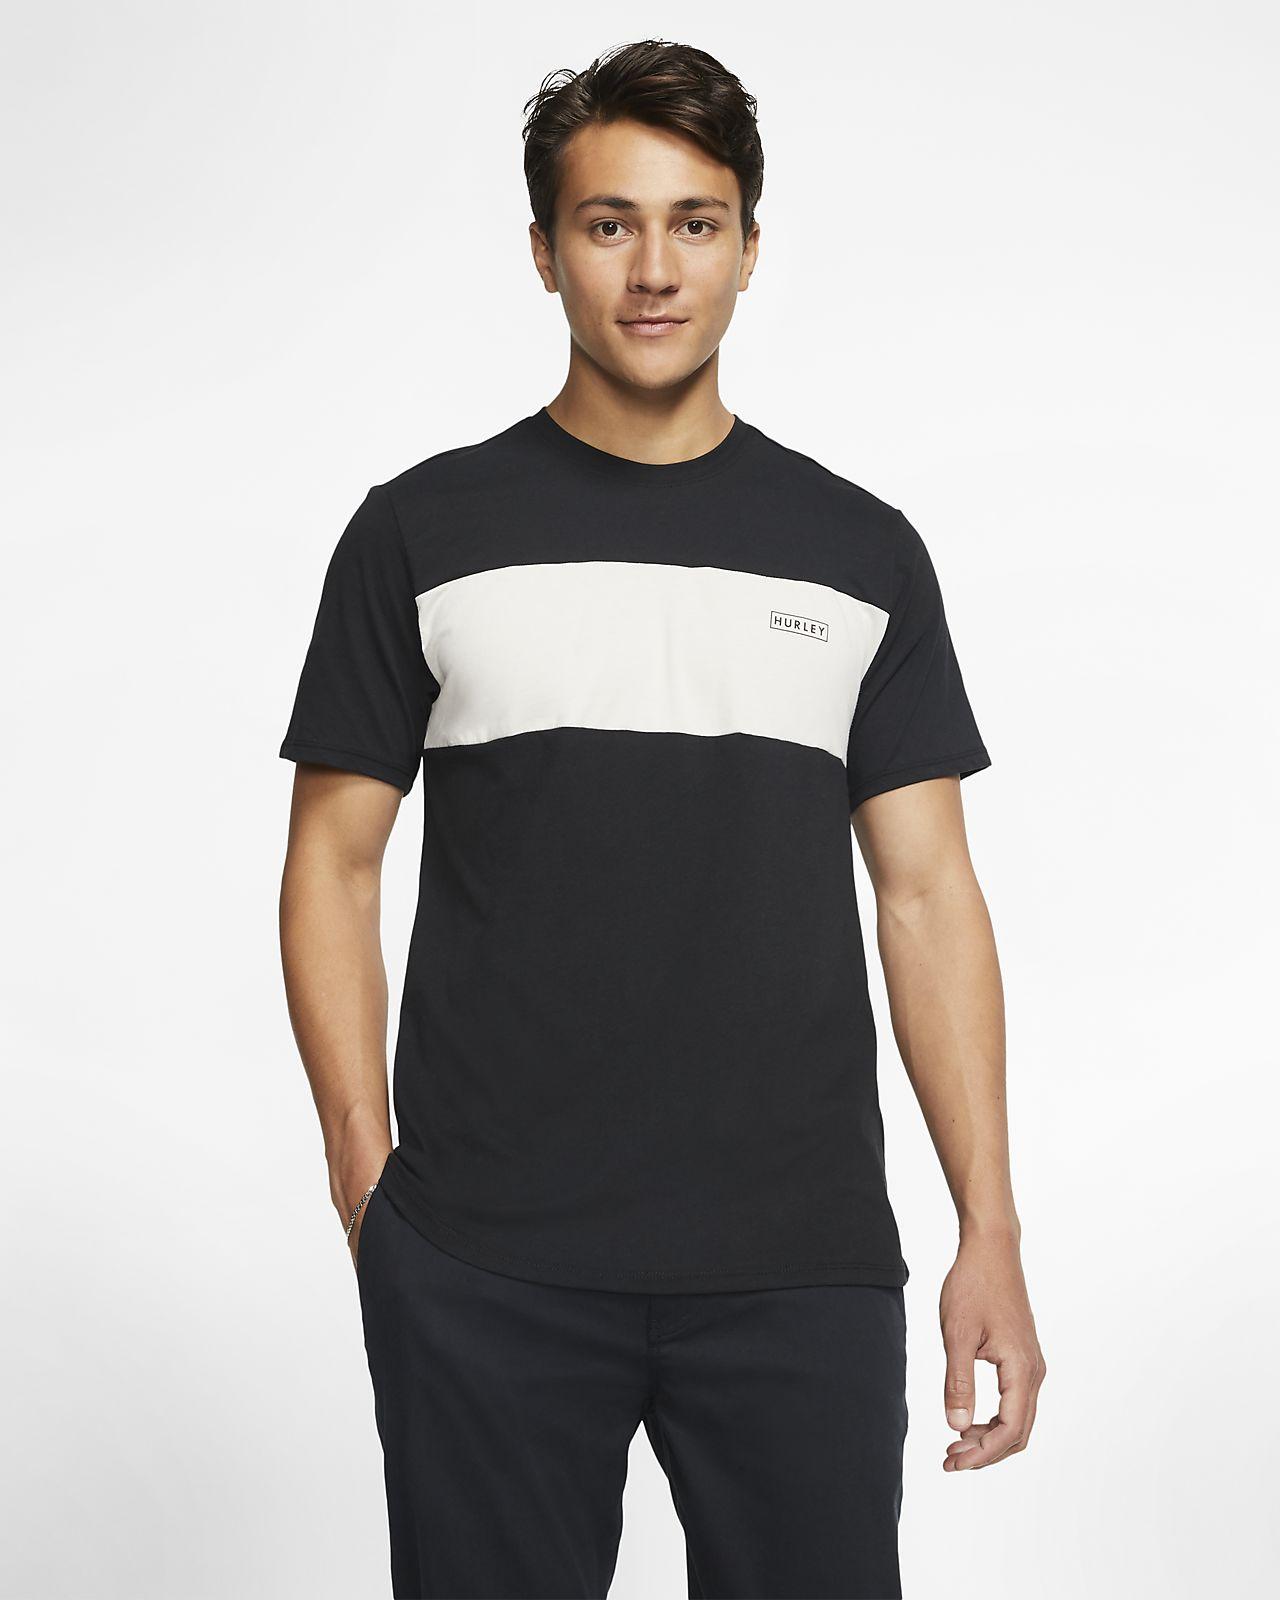 Hurley Mens Nike Dri-fit Premium Short